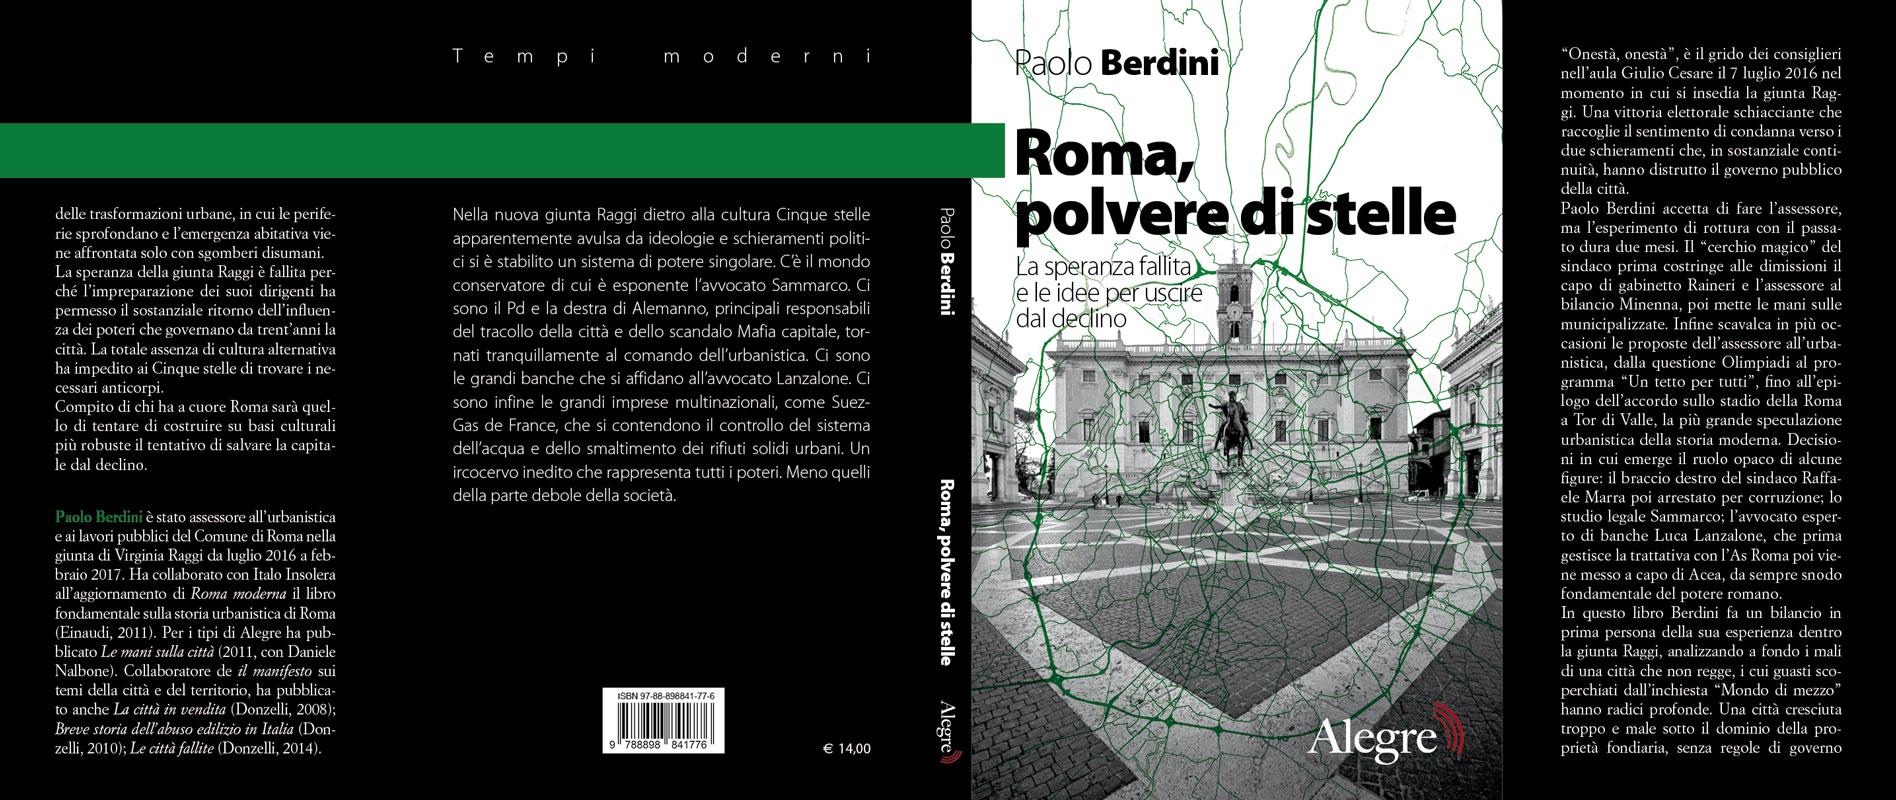 Paolo Berdini, Roma, polvere di stelle, stesa